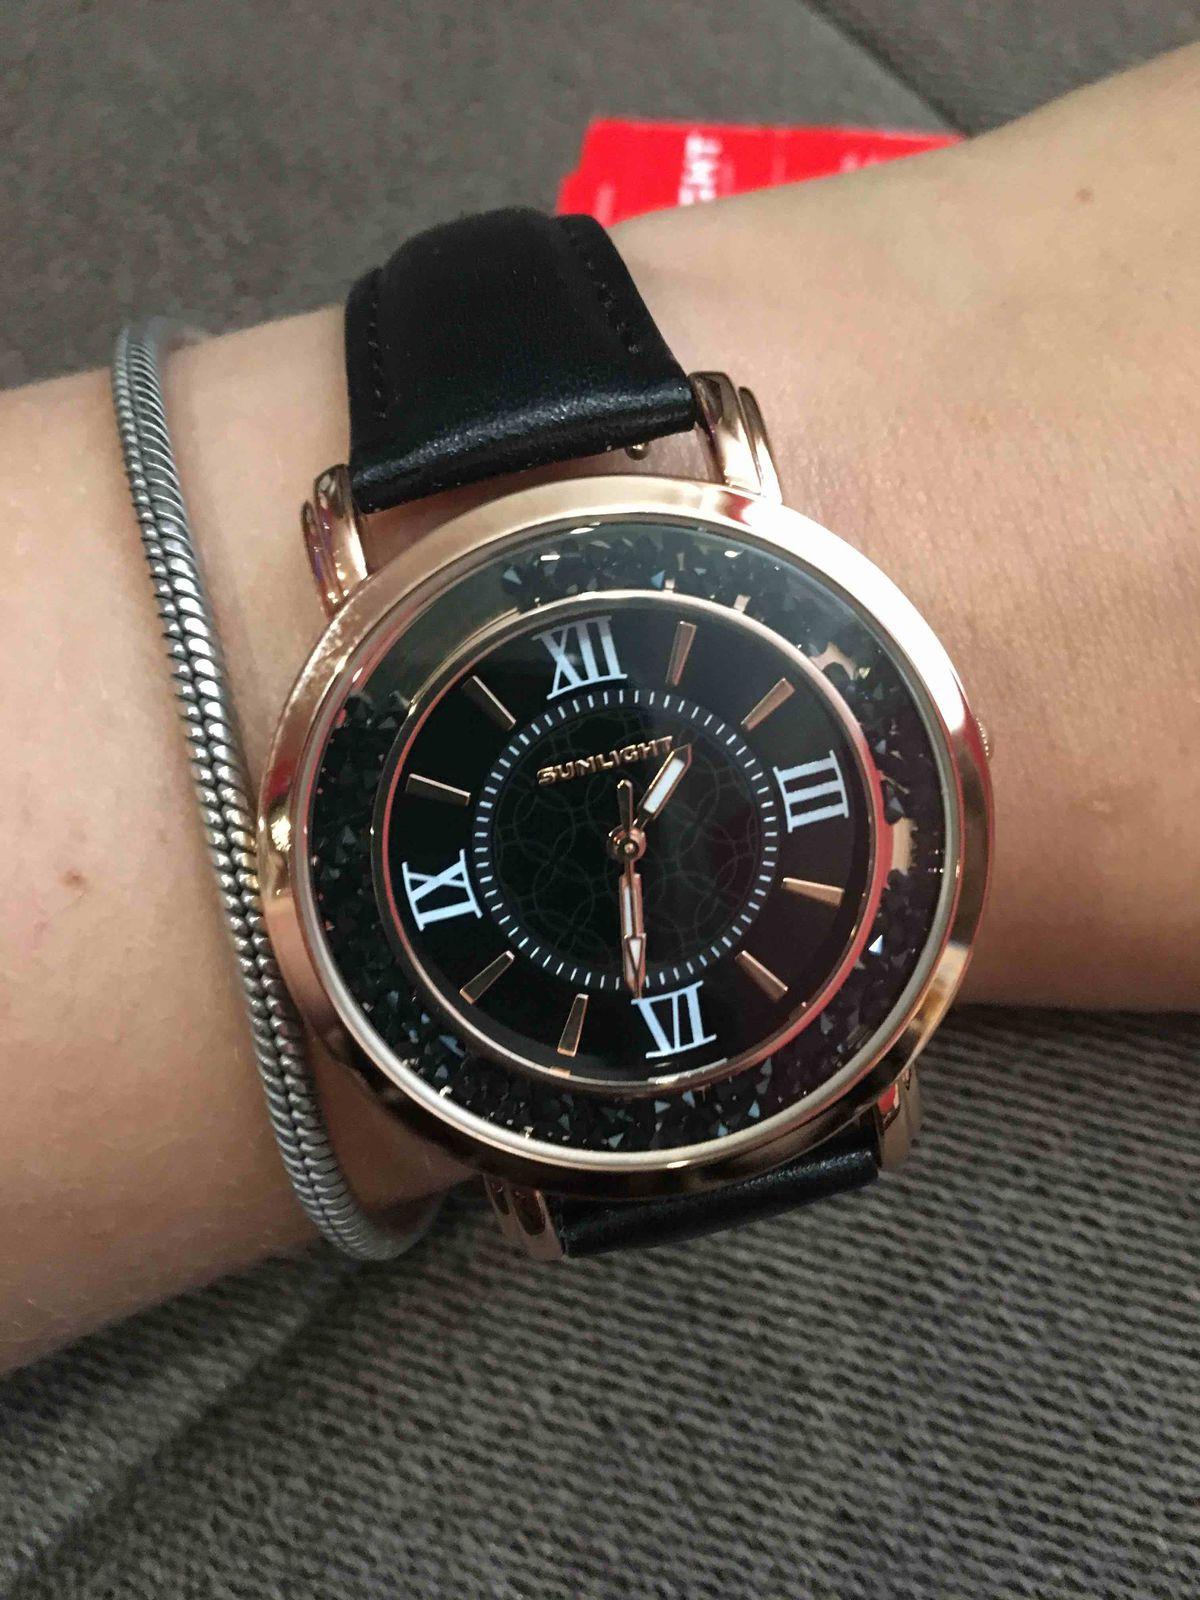 Часы очень стильные,черный циферблат и кристаллы очень необычно смотрятся!